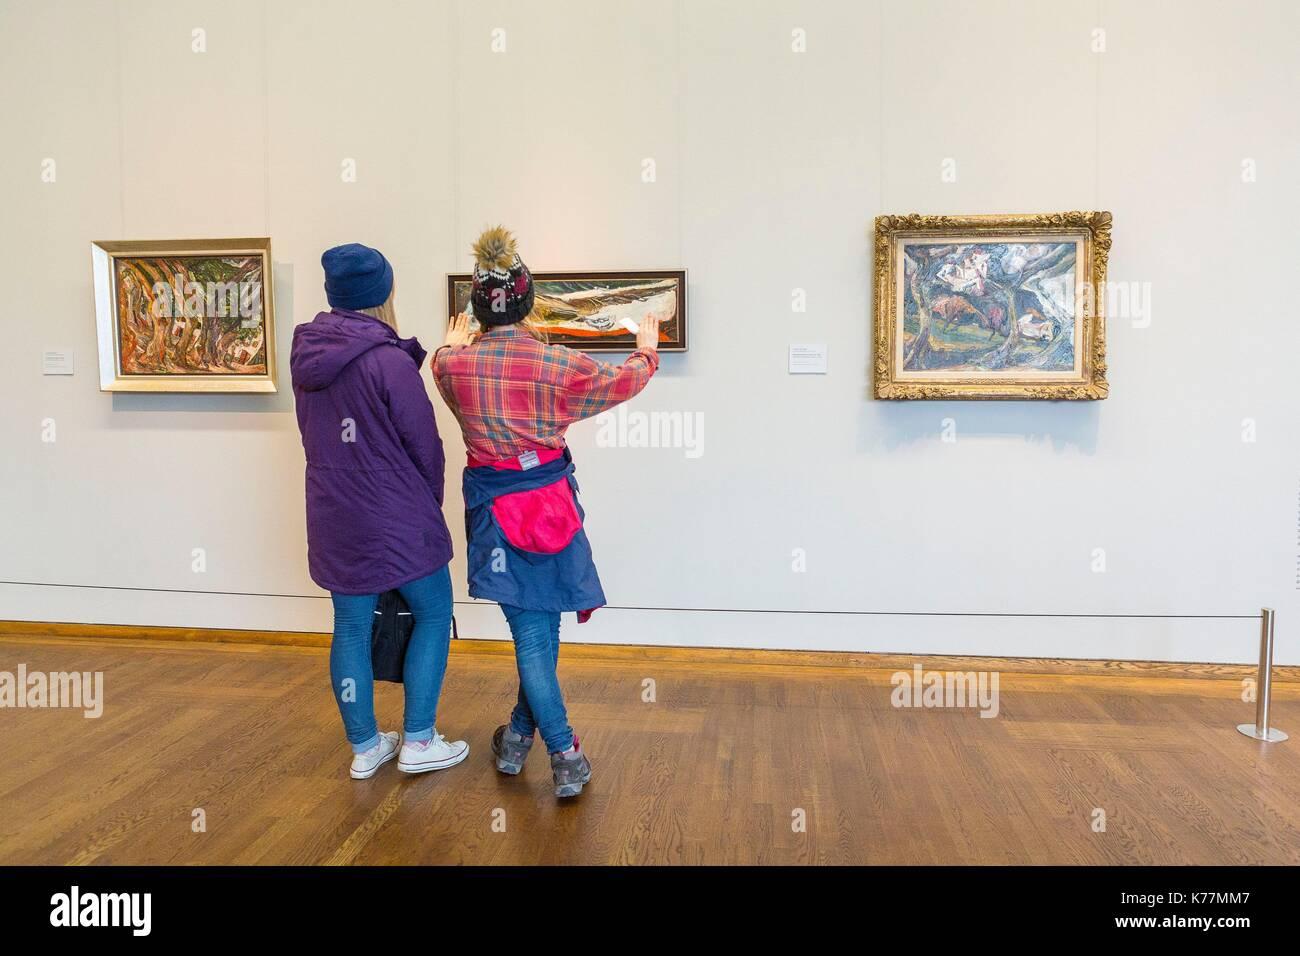 Österreich, Wien, MuseumsQuartier (MQ) in den ehemaligen Stallungen des kaiserlichen Hofes befindet sich das Stockbild